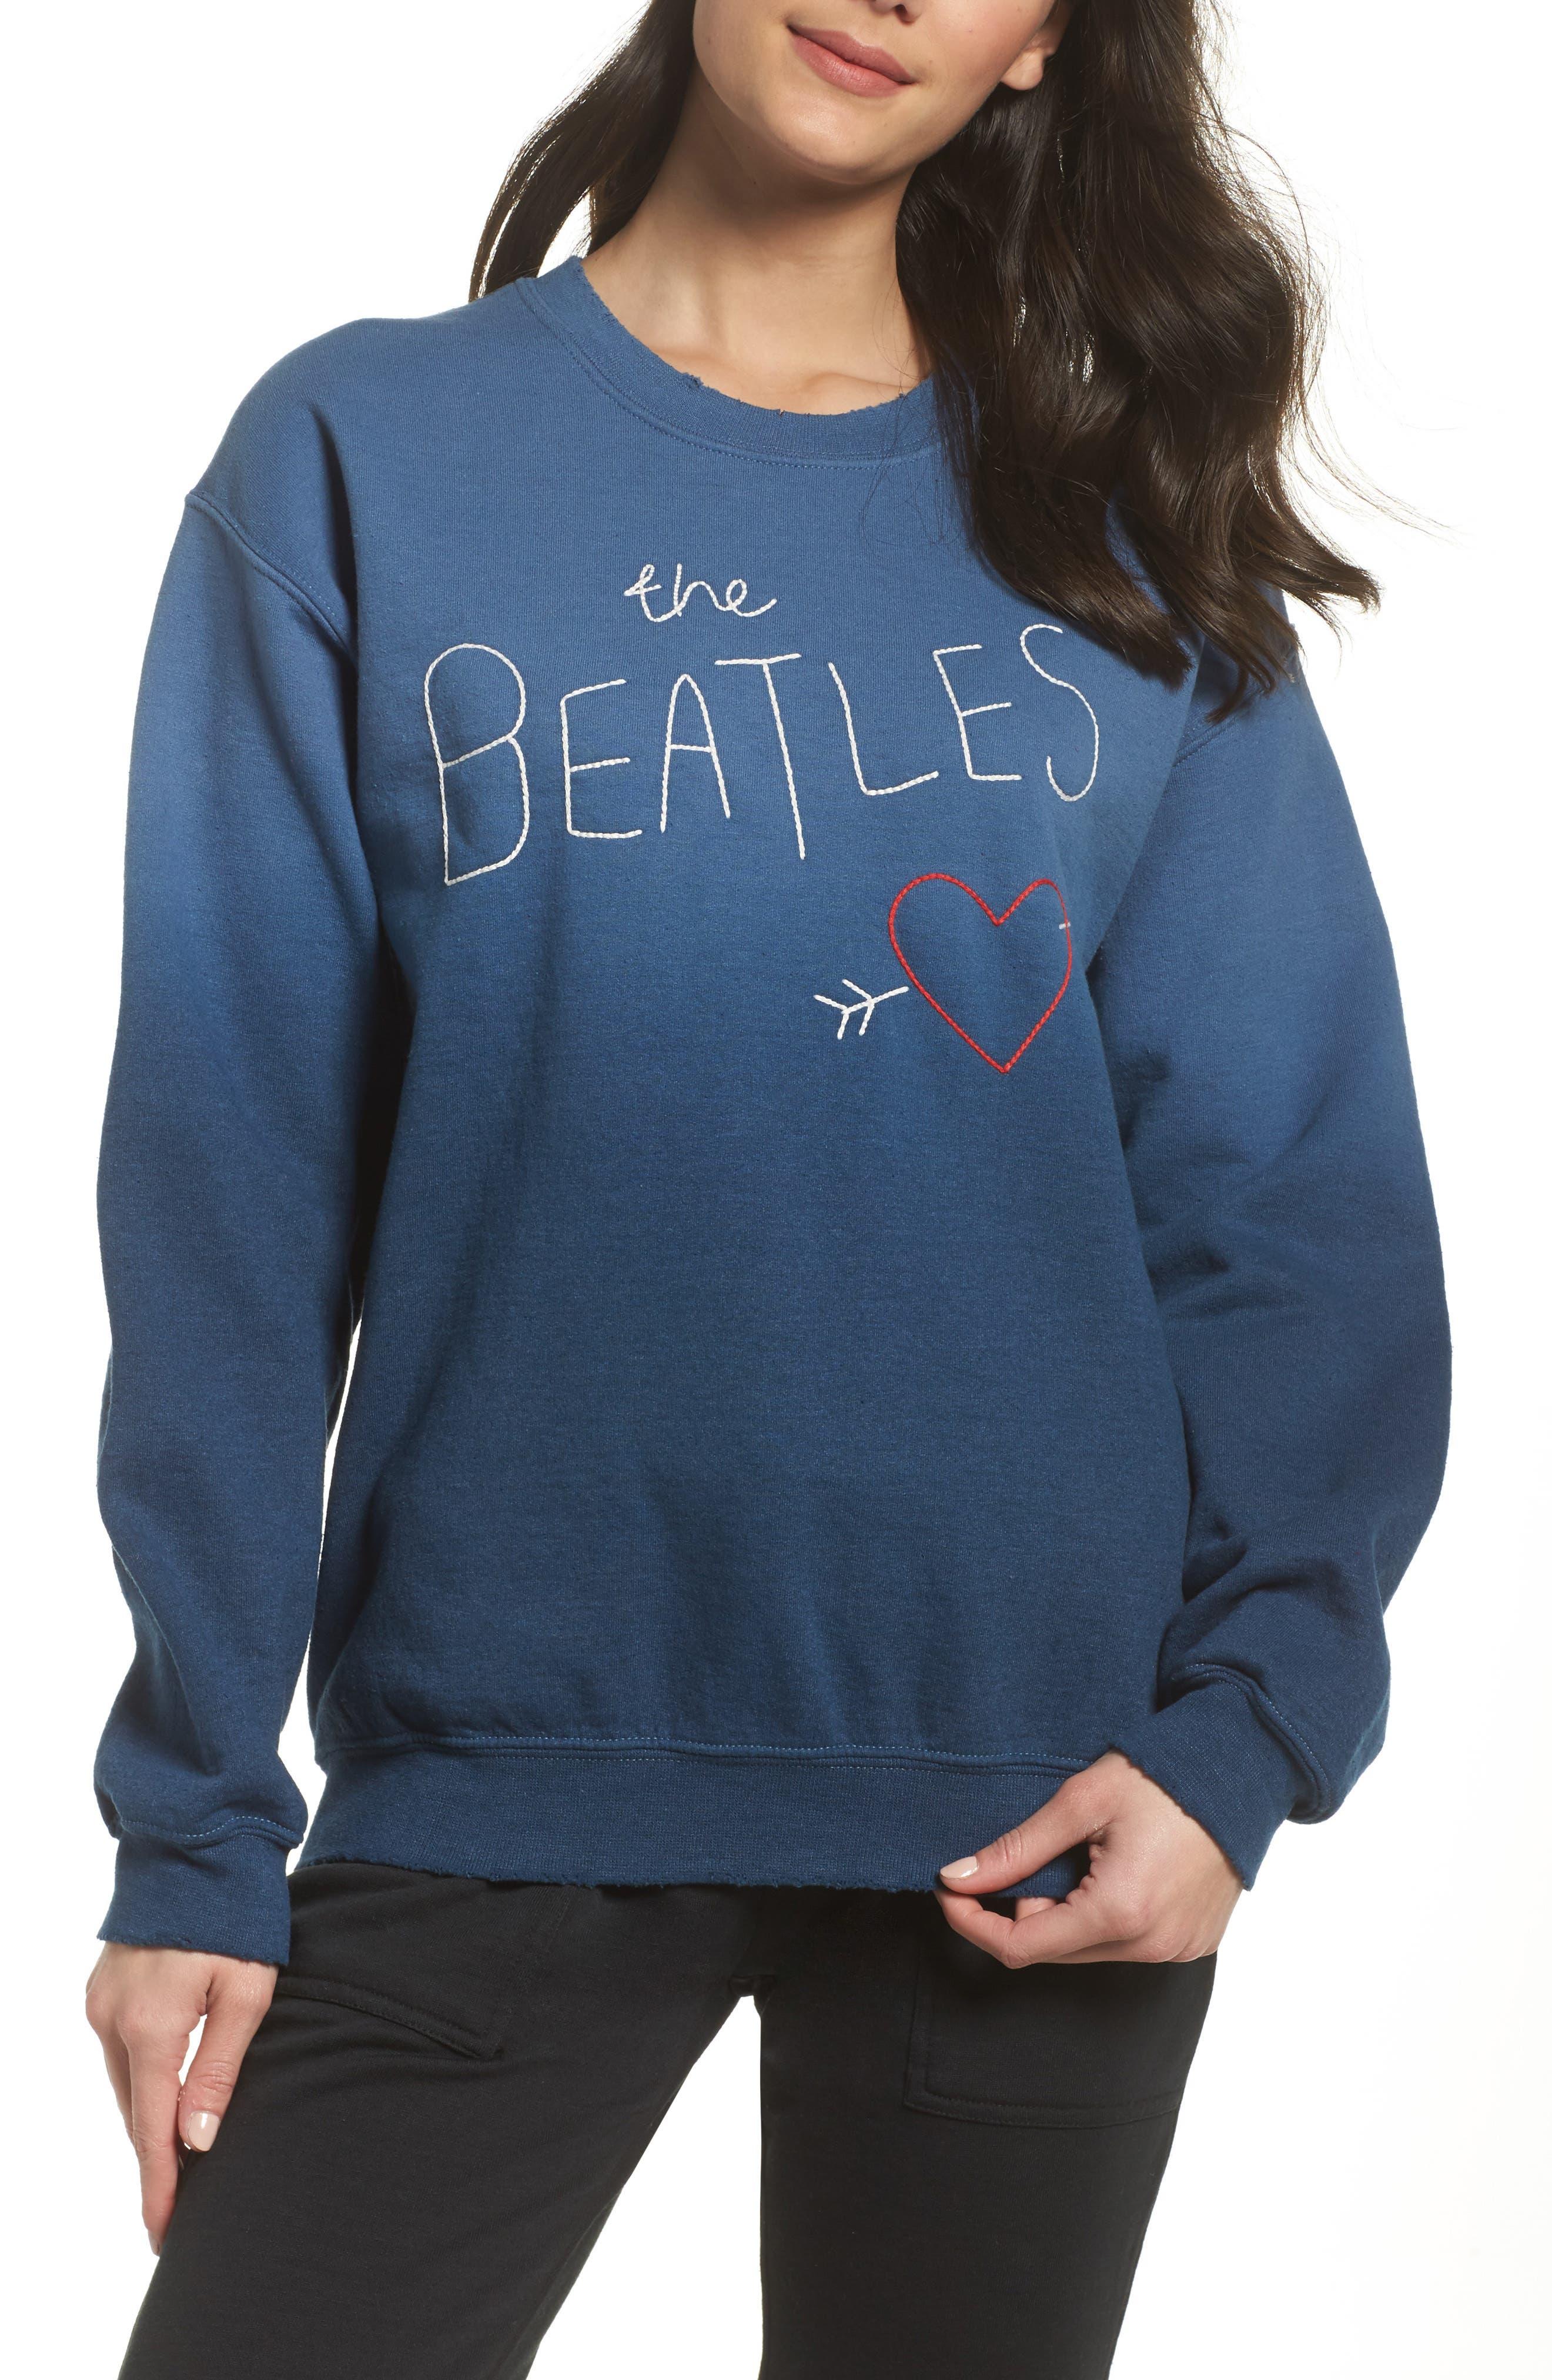 Main Image - Junk Food The Beatles Ombré Sweatshirt (Nordstrom Exclusive)